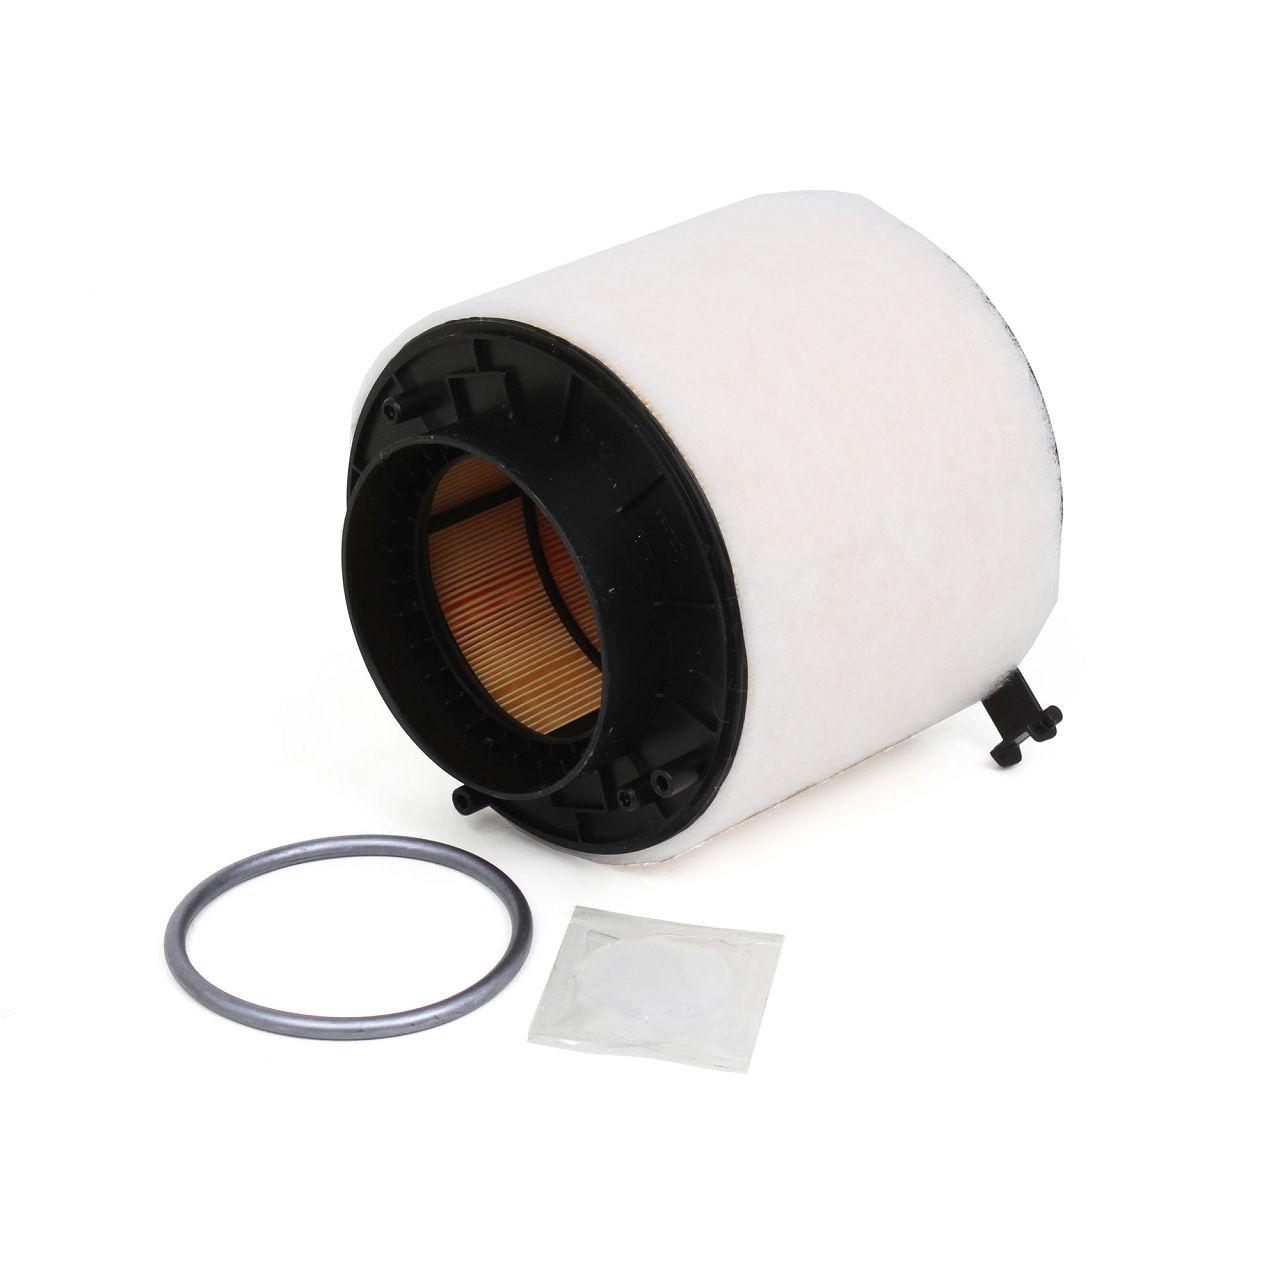 MANN Inspektionskit für AUDI A4 (8K B8) A5 (8T 8F) Q5 (8R) 3.0 TDI SQ5 TDI